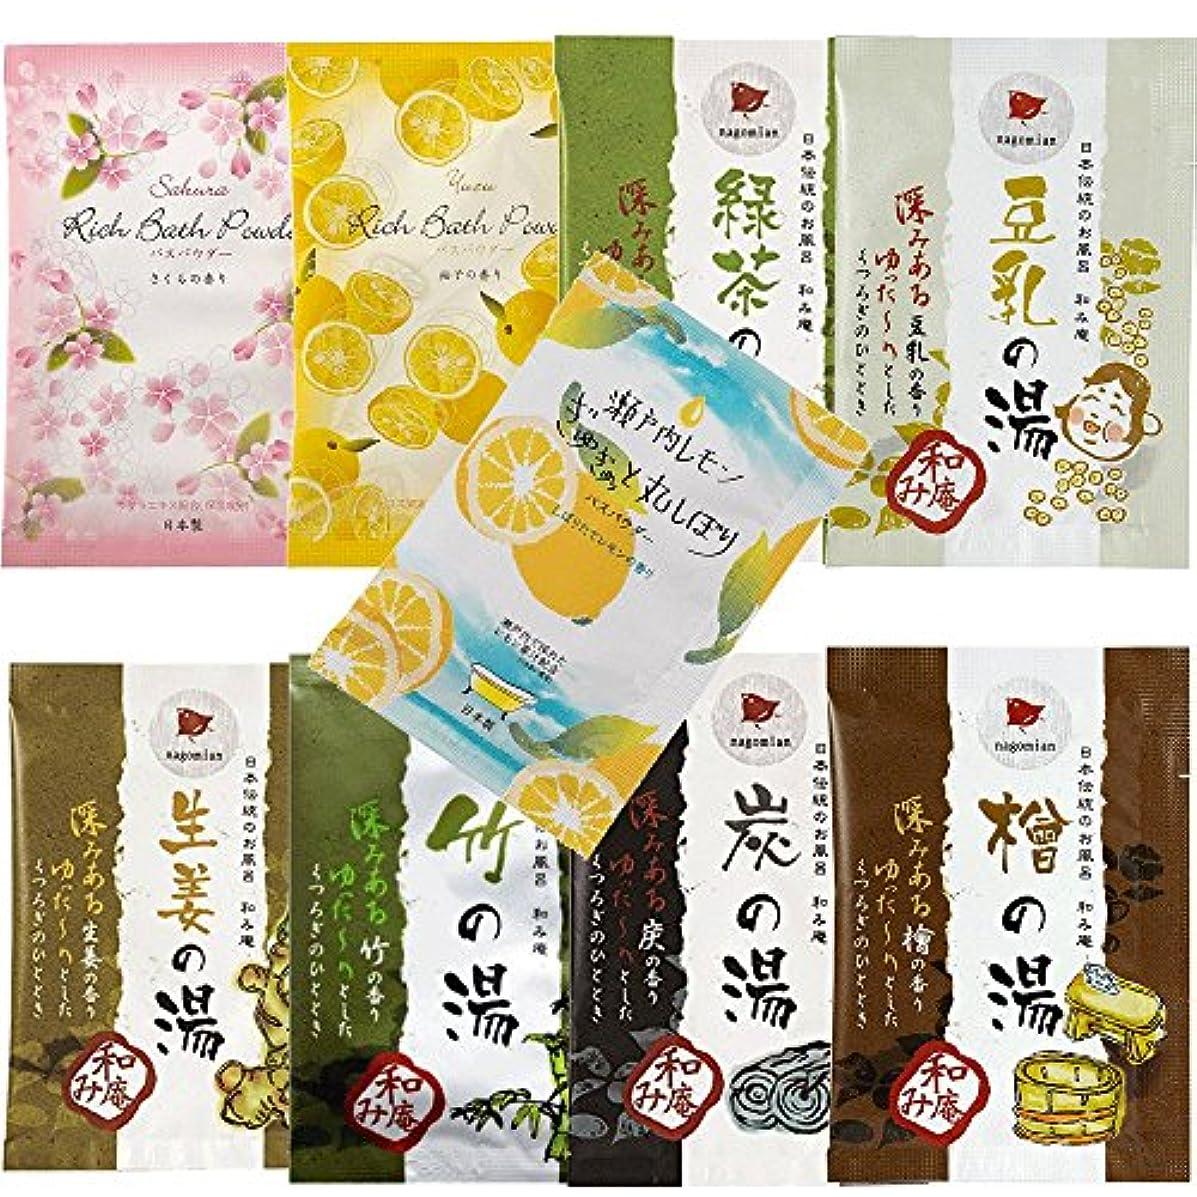 発生器販売員事実上日本伝統のお風呂 和み庵 6種類 + バスパウダー 3種類セット 和風入浴剤 9包セット